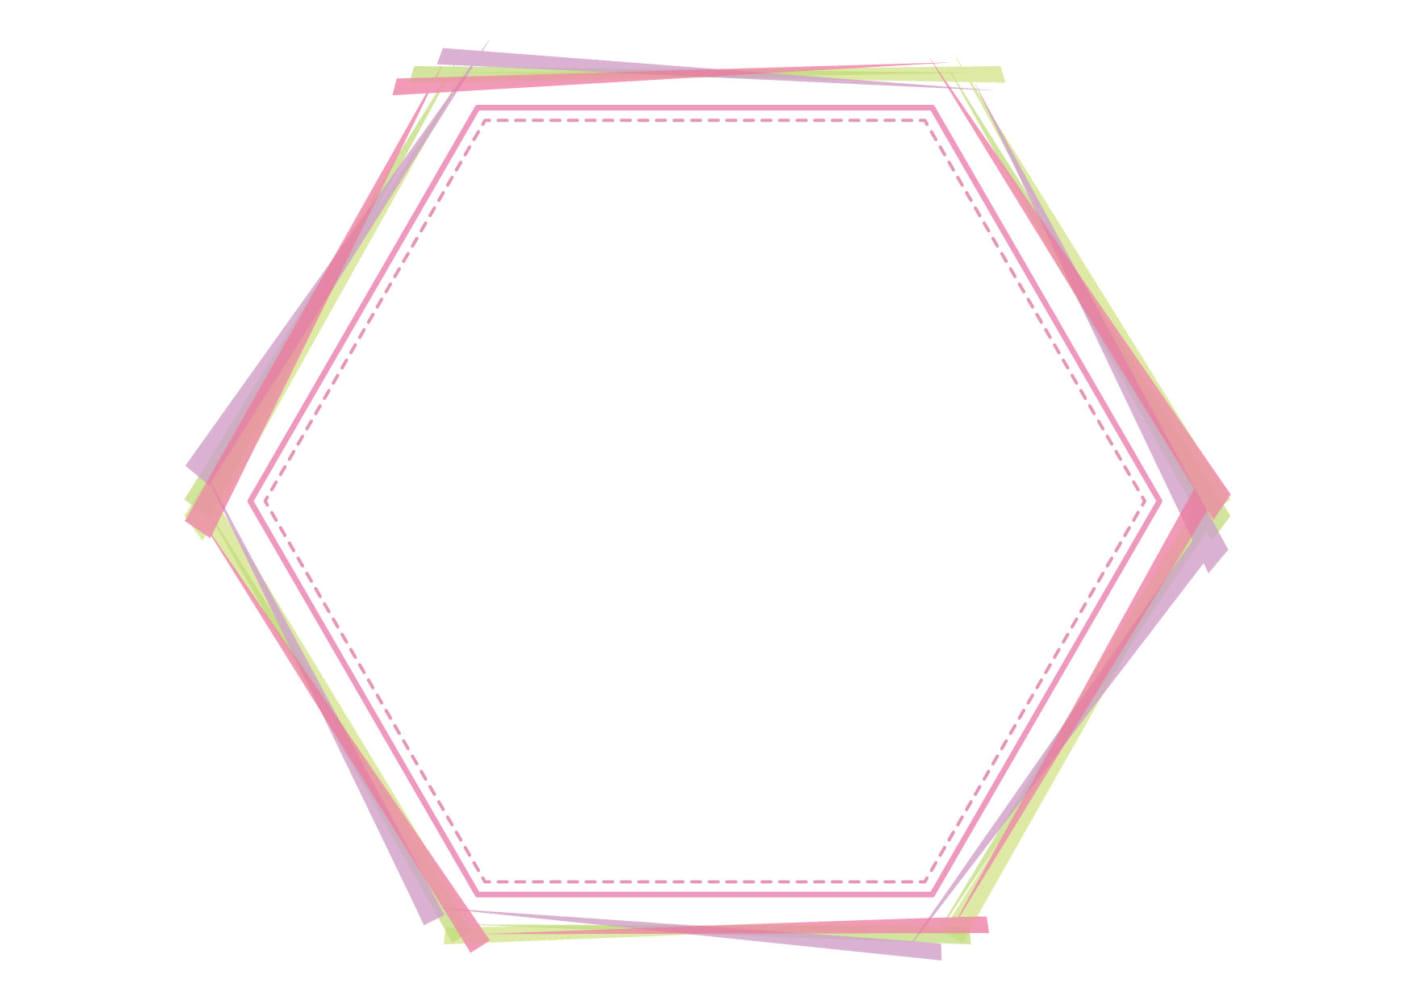 背景 ピンク フレーム イラスト 無料